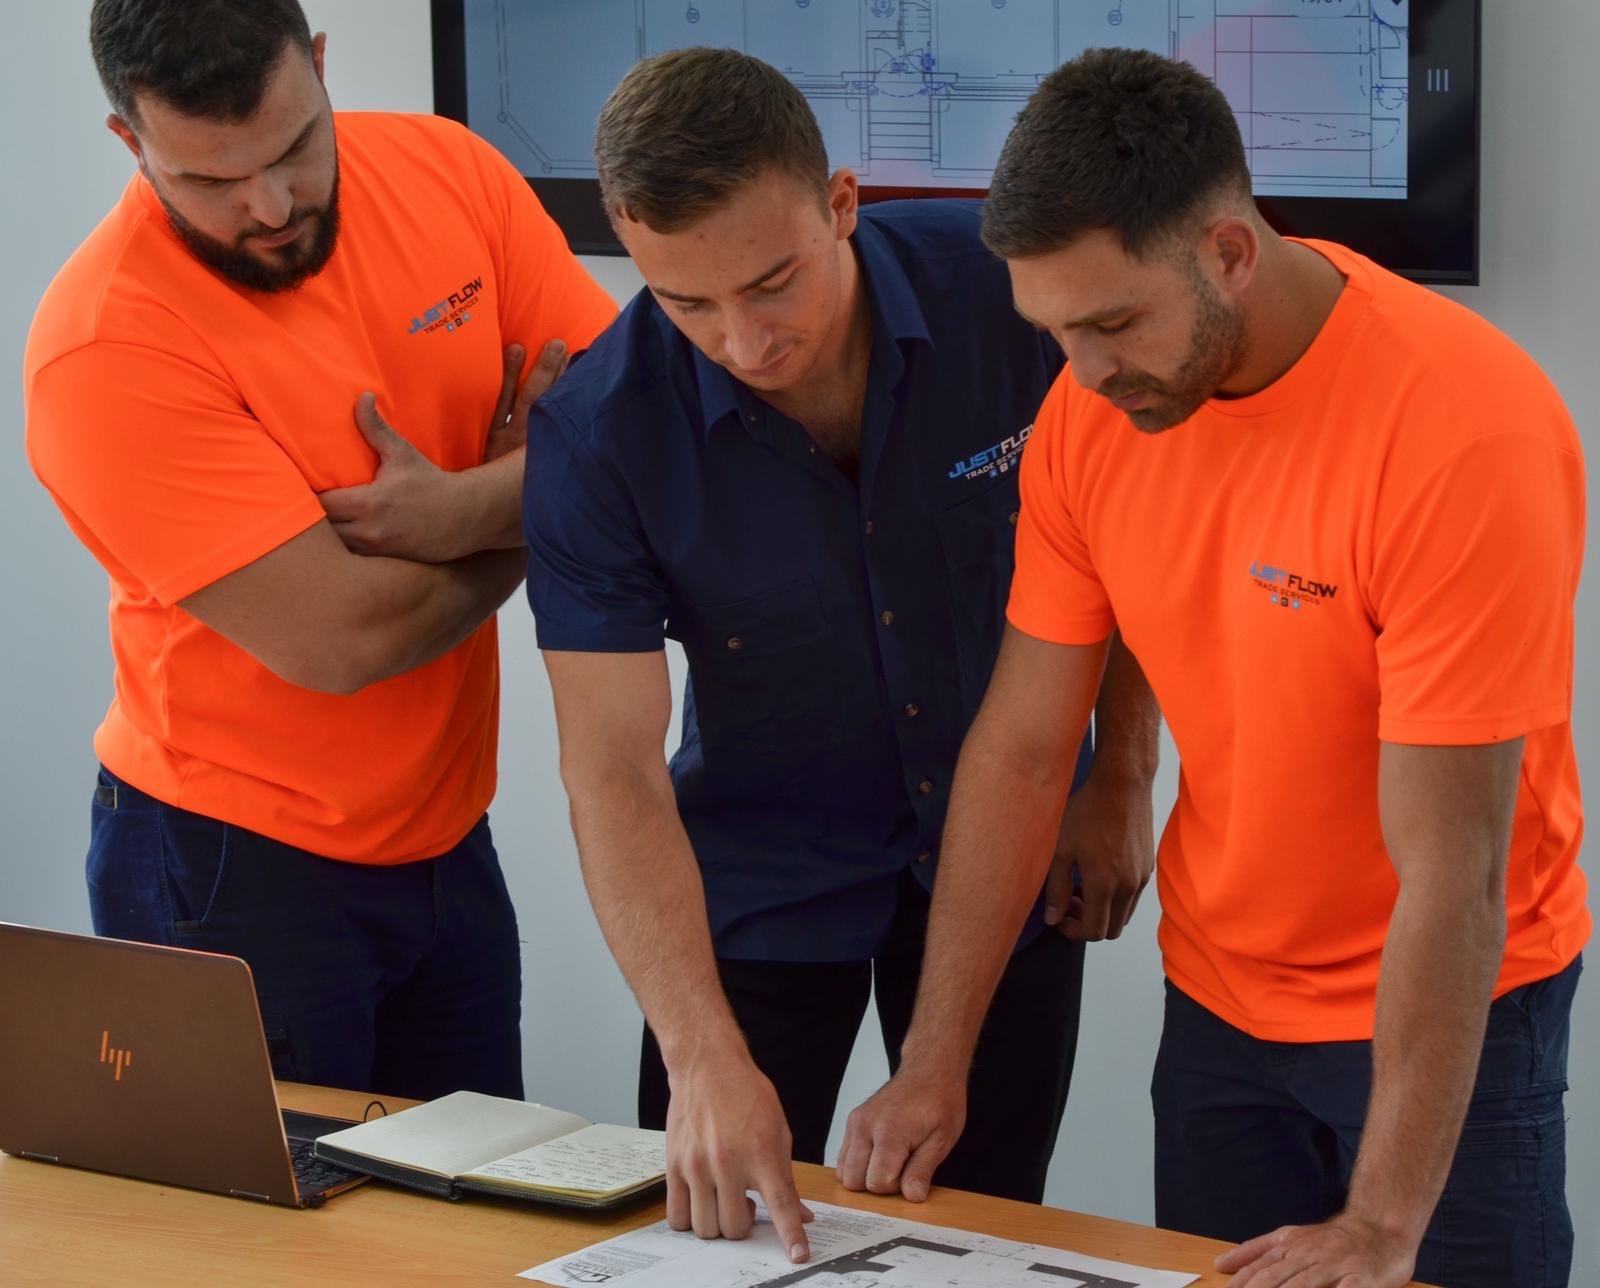 New home air con installer service Sydney Moorebank Parramatta NSW